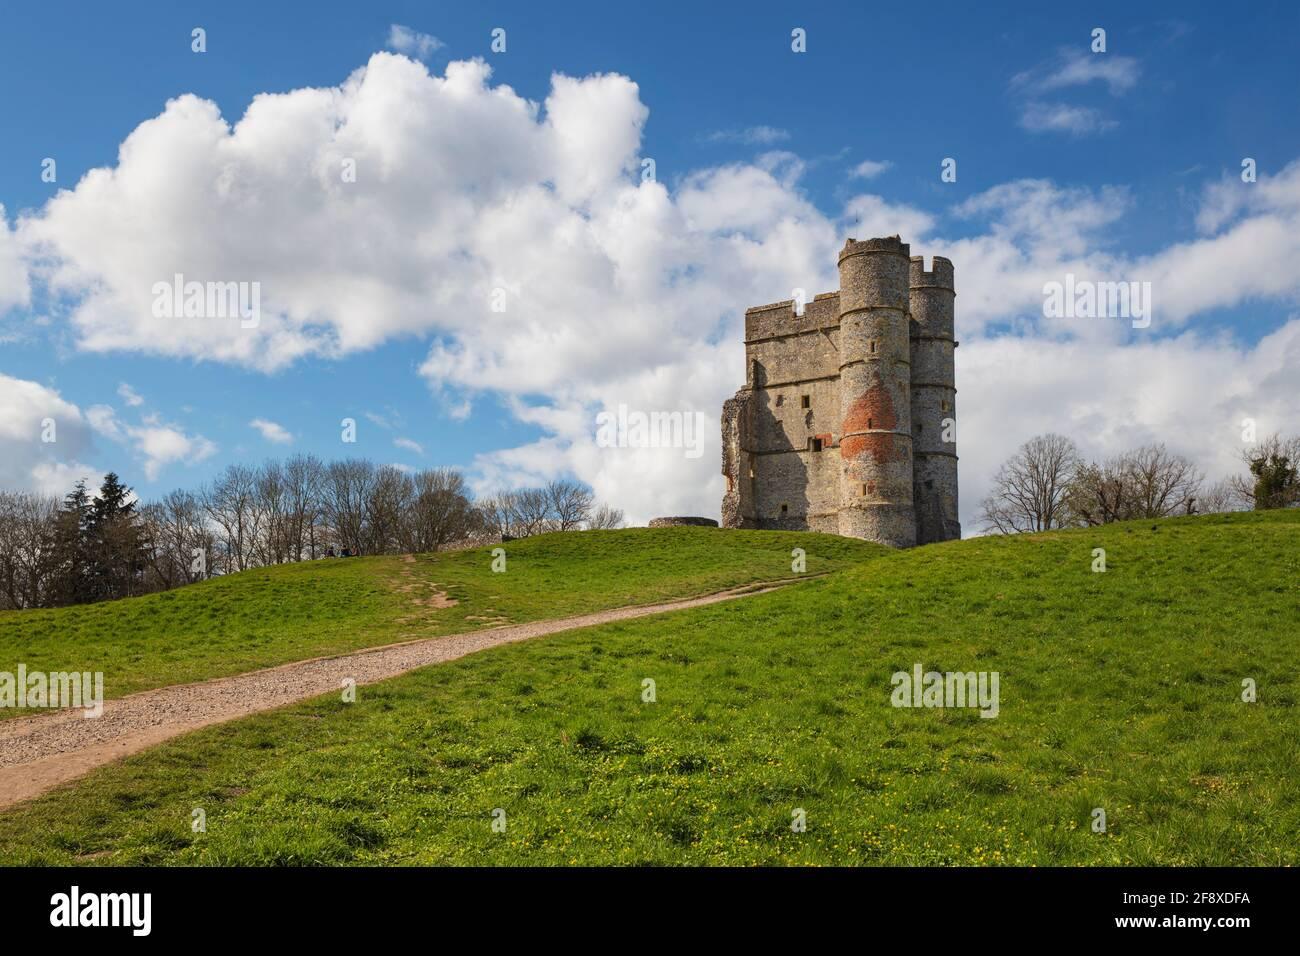 Donnington Castle, Newbury, Berkshire, England, United Kingdom, Europe Stock Photo